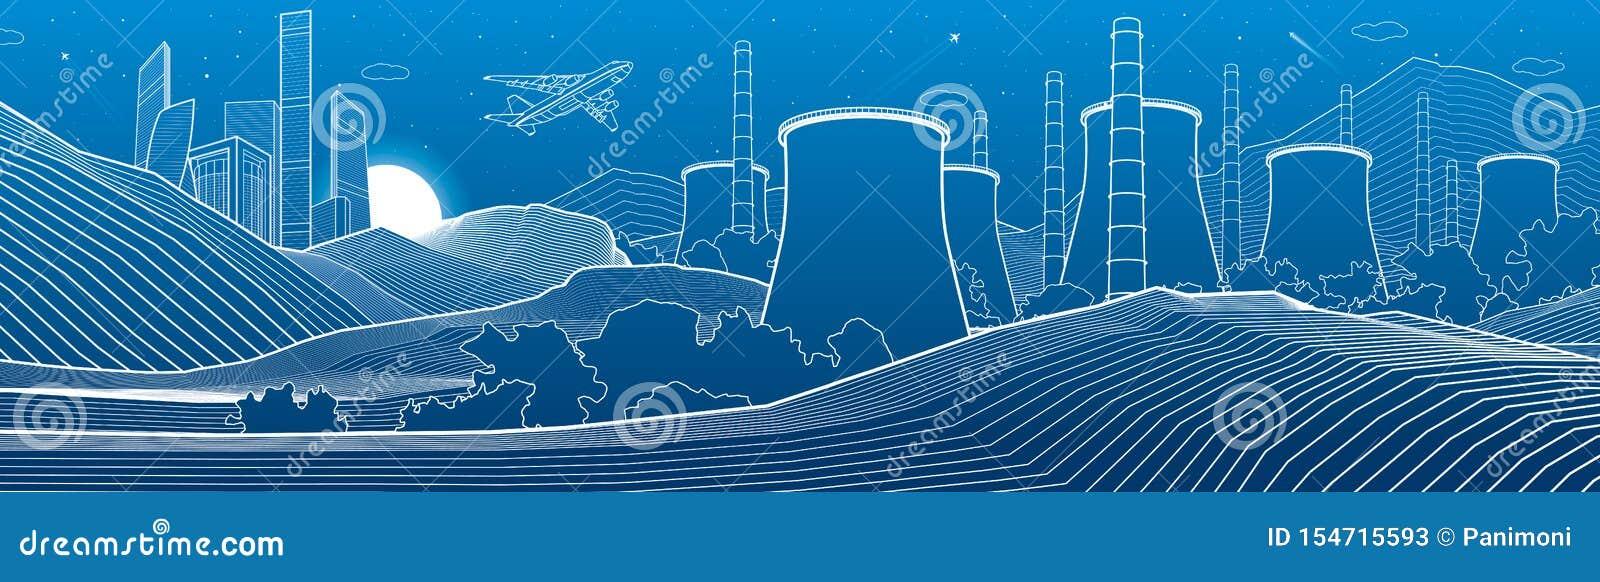 Panorama- översiktsbranschillustration Nattstadsplats Kraftverk i berg Vita linjer p? bl? bakgrund f?r designeps f?r 10 bakgrund